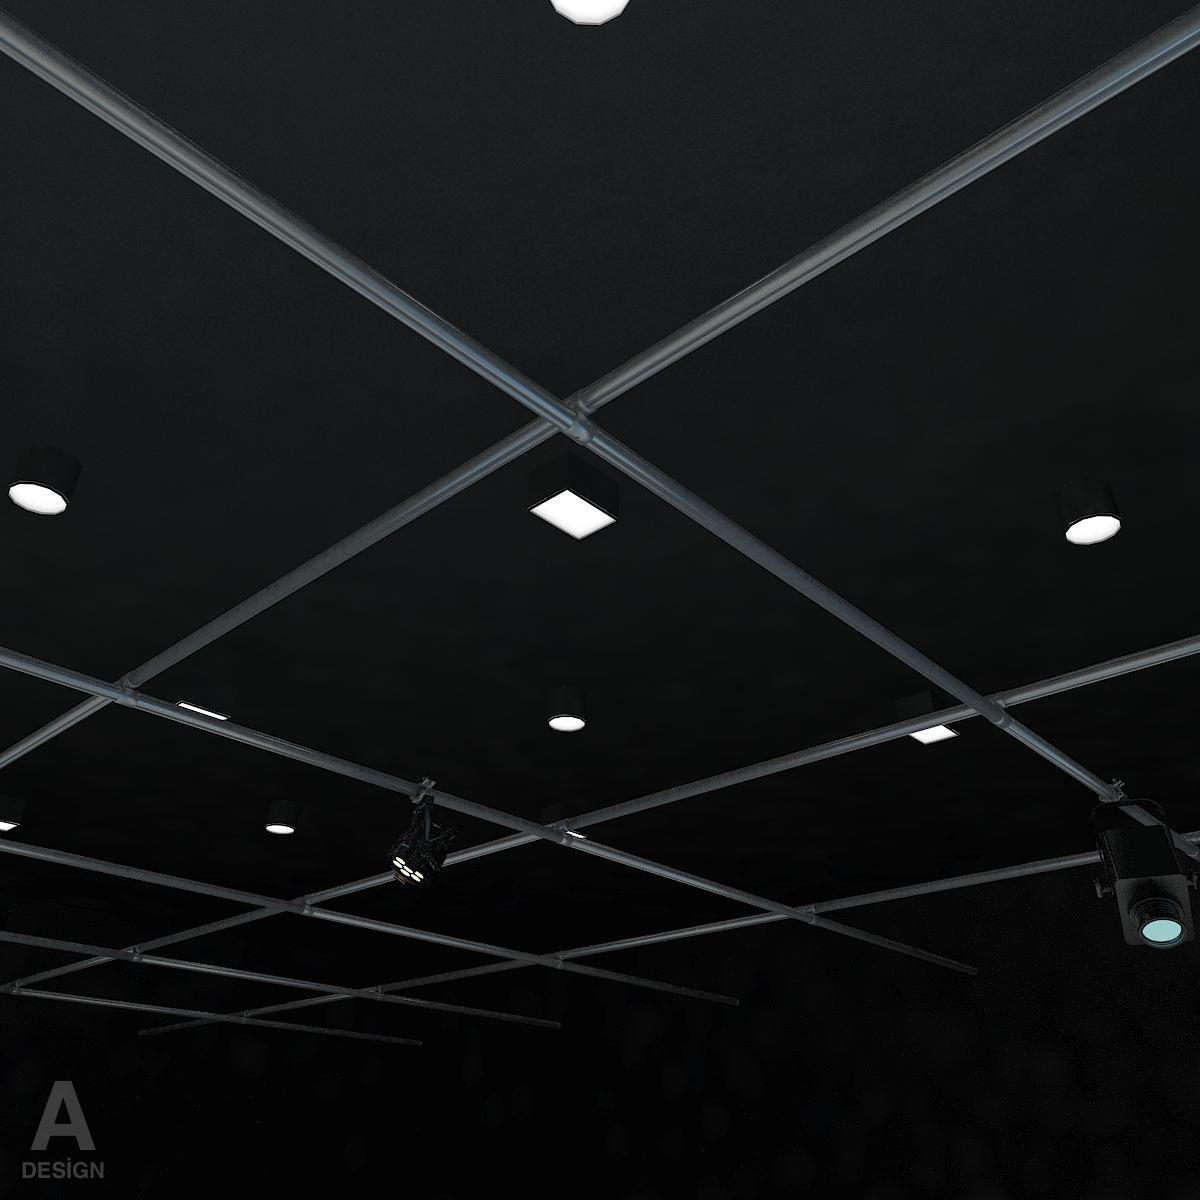 виртуал өргөн нэвтрүүлгийн телевизийн мэдээллийн студи 028 3d загвар max dxf fbx бүтэцтэй obj 215580